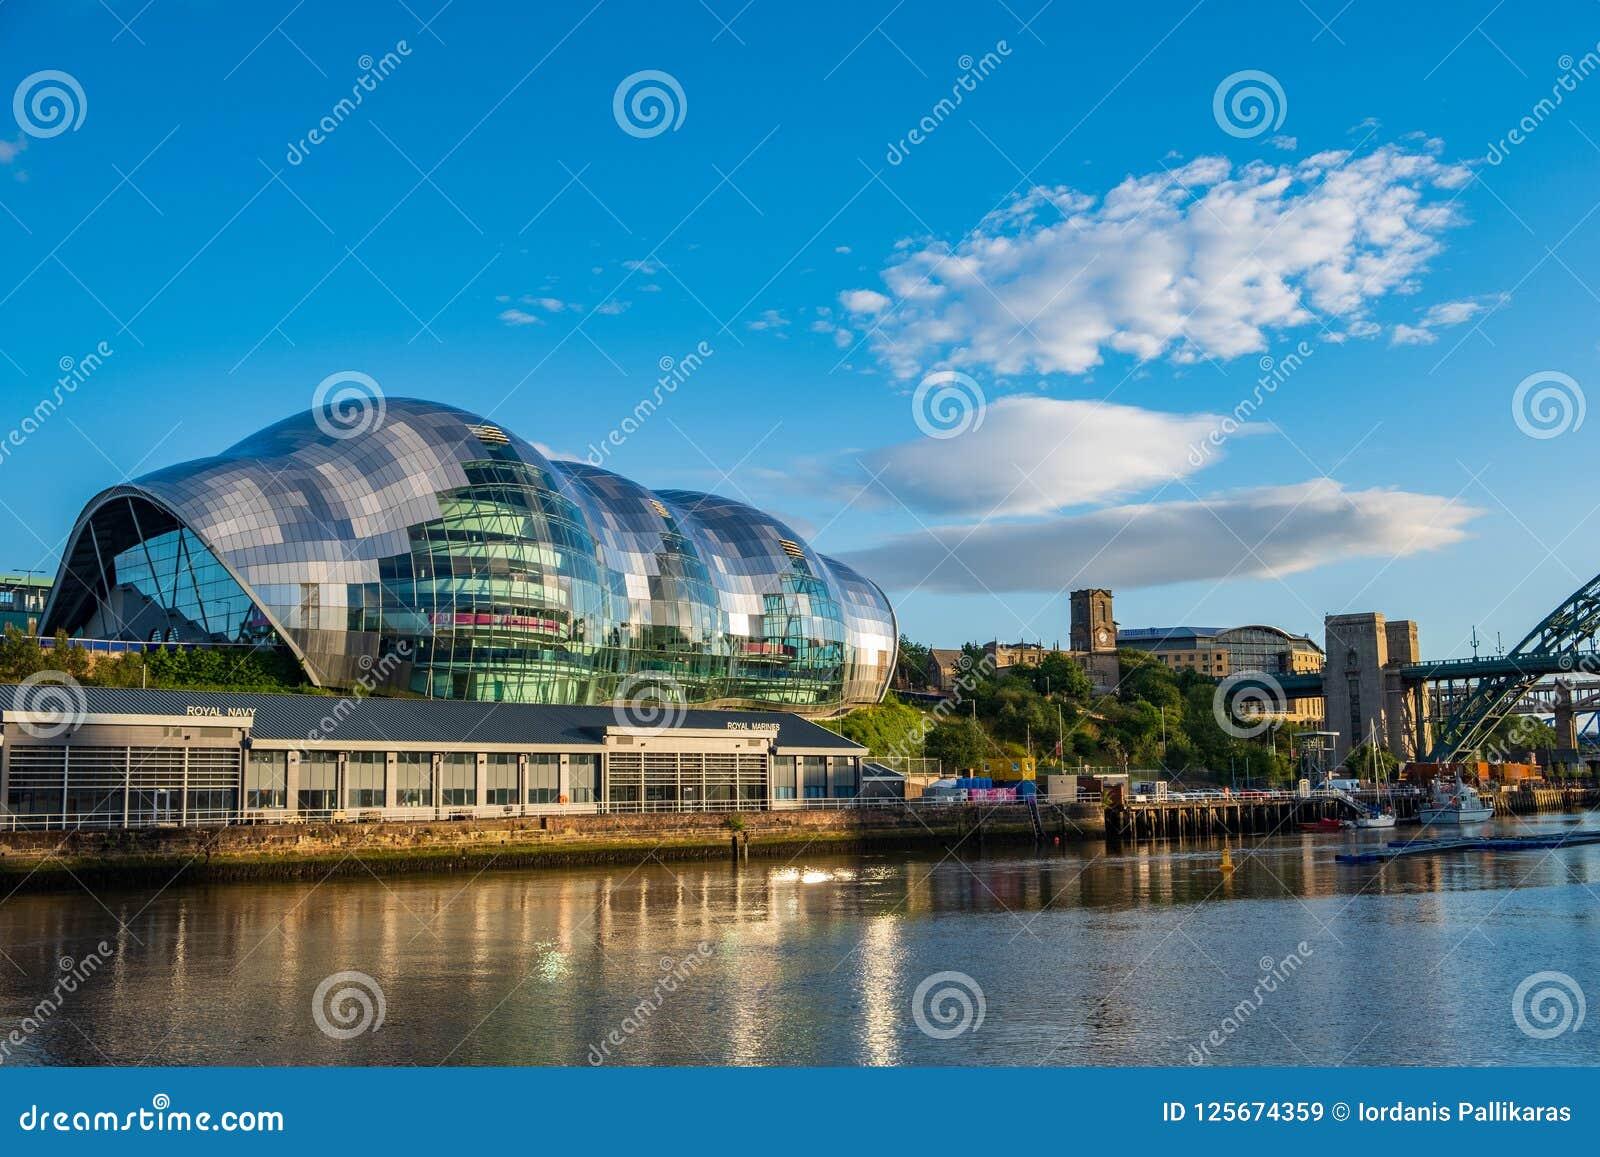 Salle de concert de Sage Gateshead sur le bord du quai de Newcastle Gateshead sur a